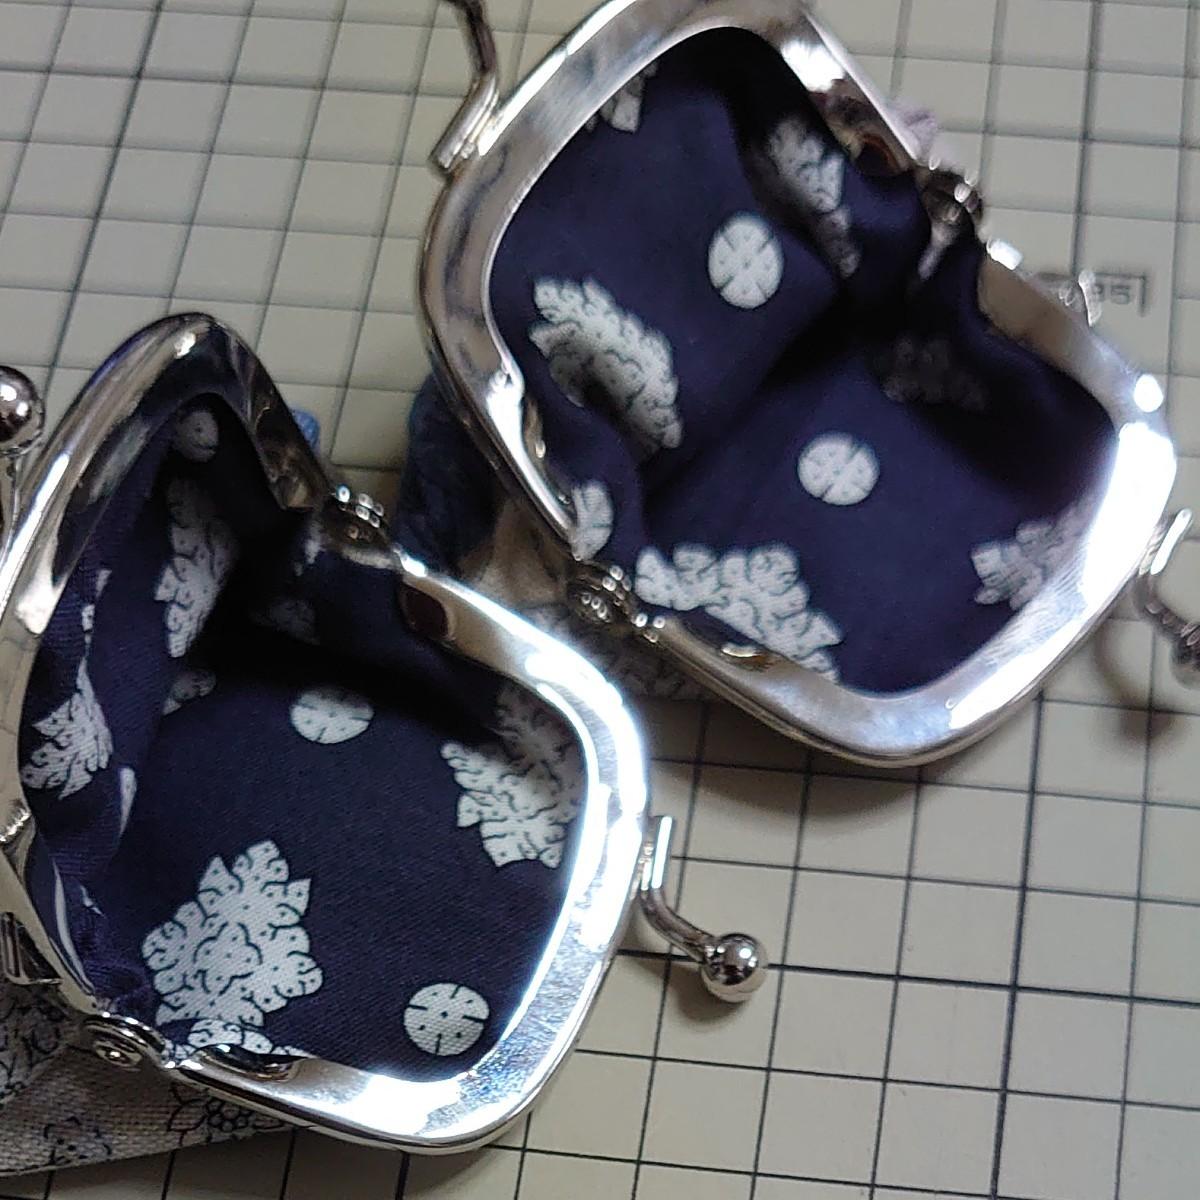 ハンドメイド がま口ポーチ コインケース 小銭入れ 小物入れ 花柄 ブルー 2点セット